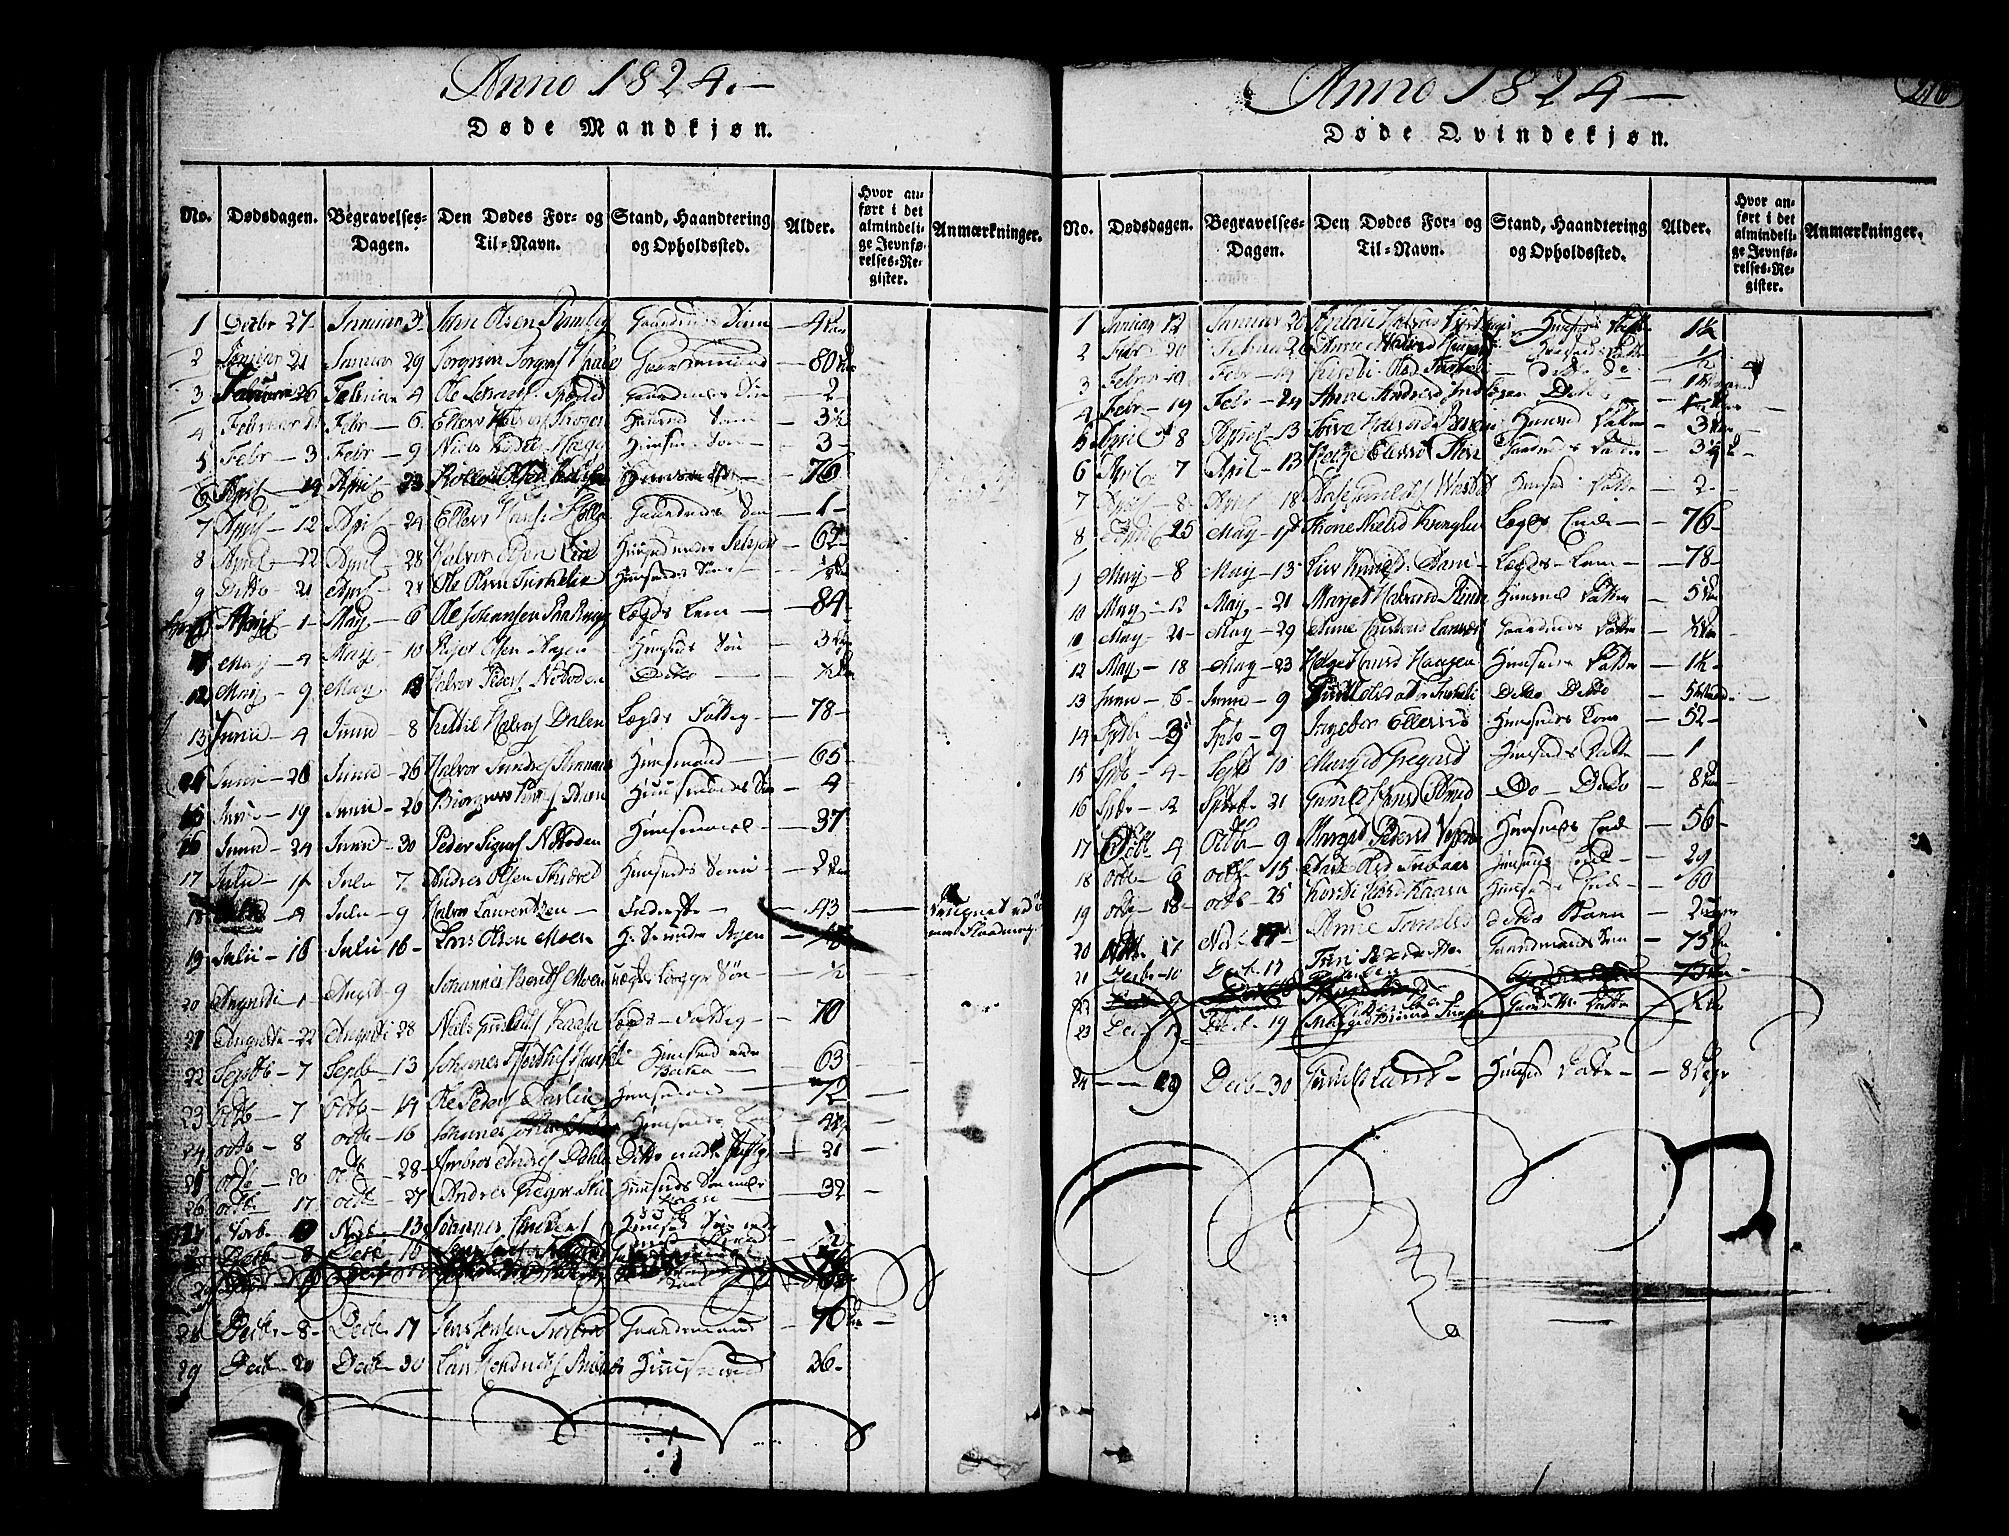 SAKO, Heddal kirkebøker, F/Fa/L0005: Ministerialbok nr. I 5, 1814-1837, s. 215-216